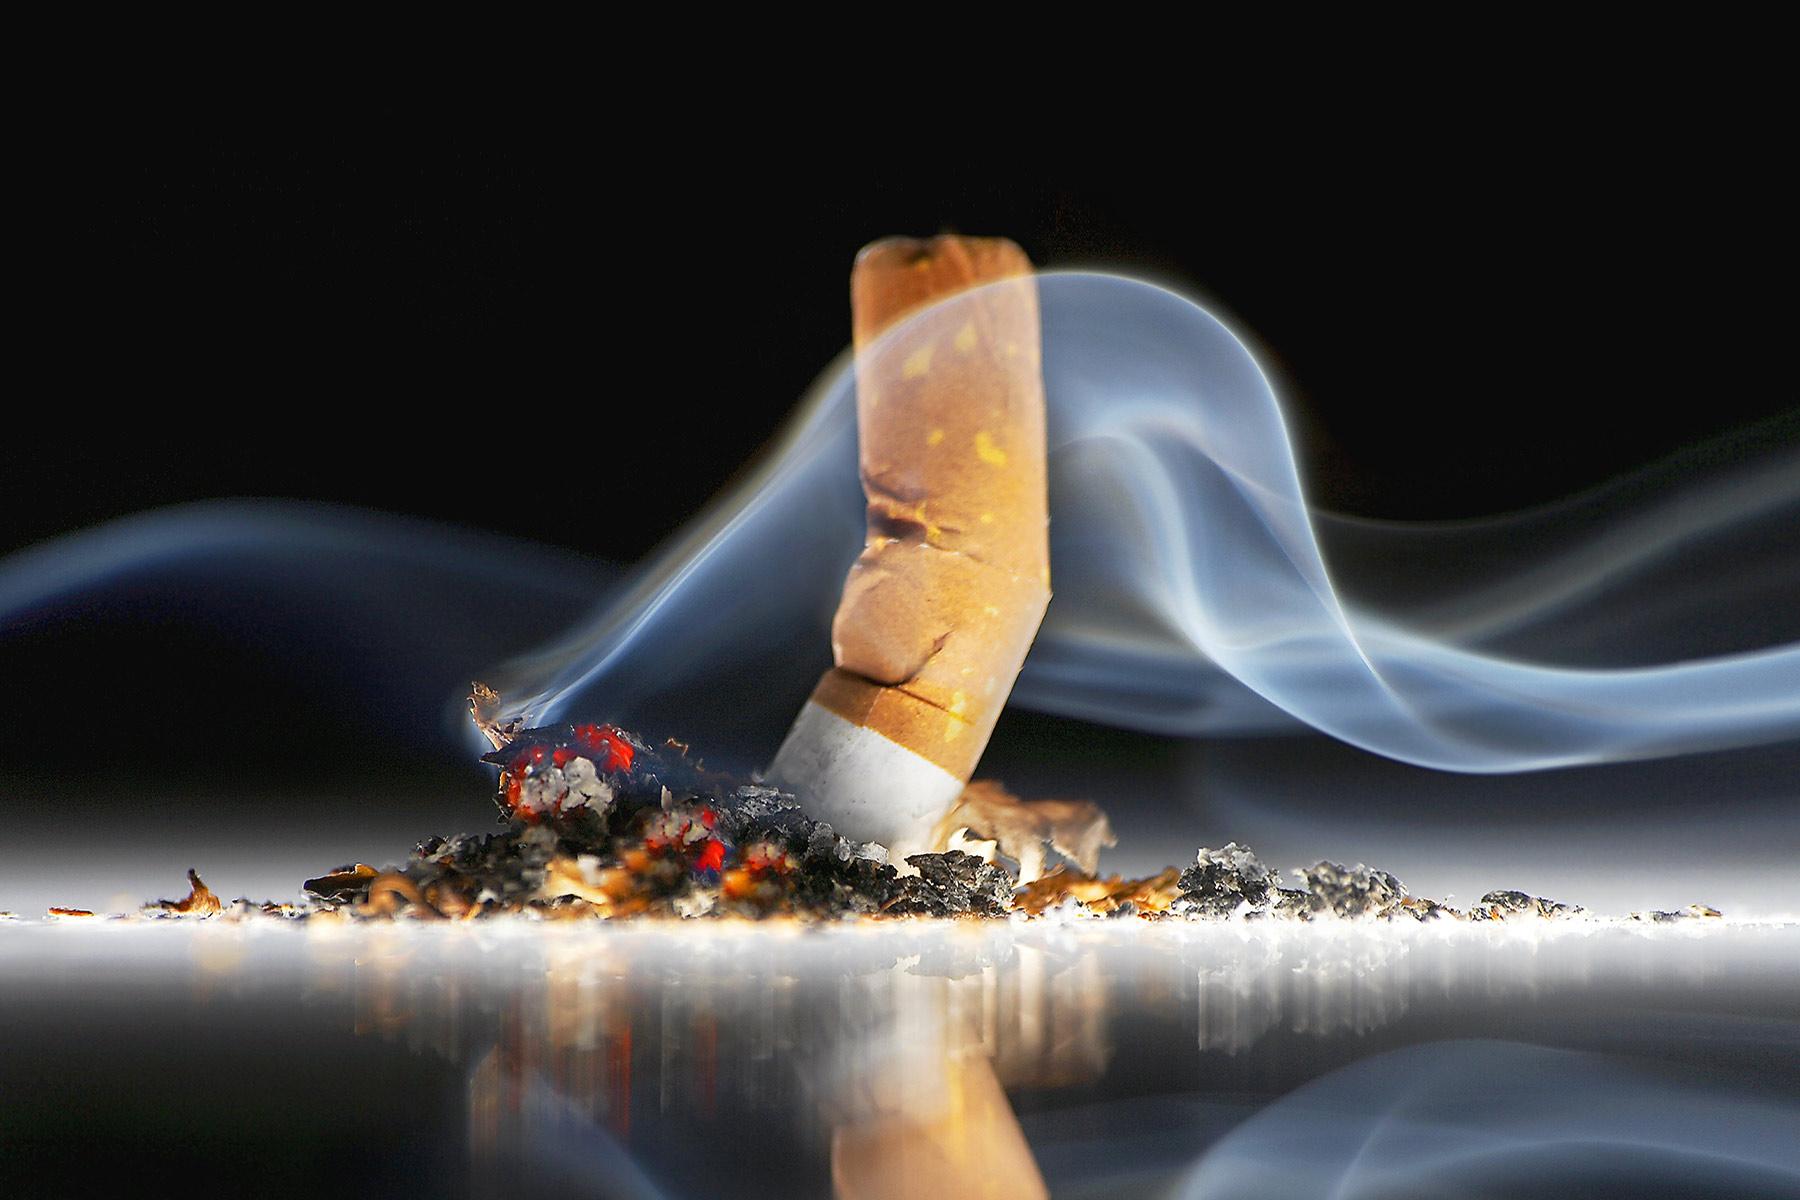 szépirodalom leszokott a dohányzásról